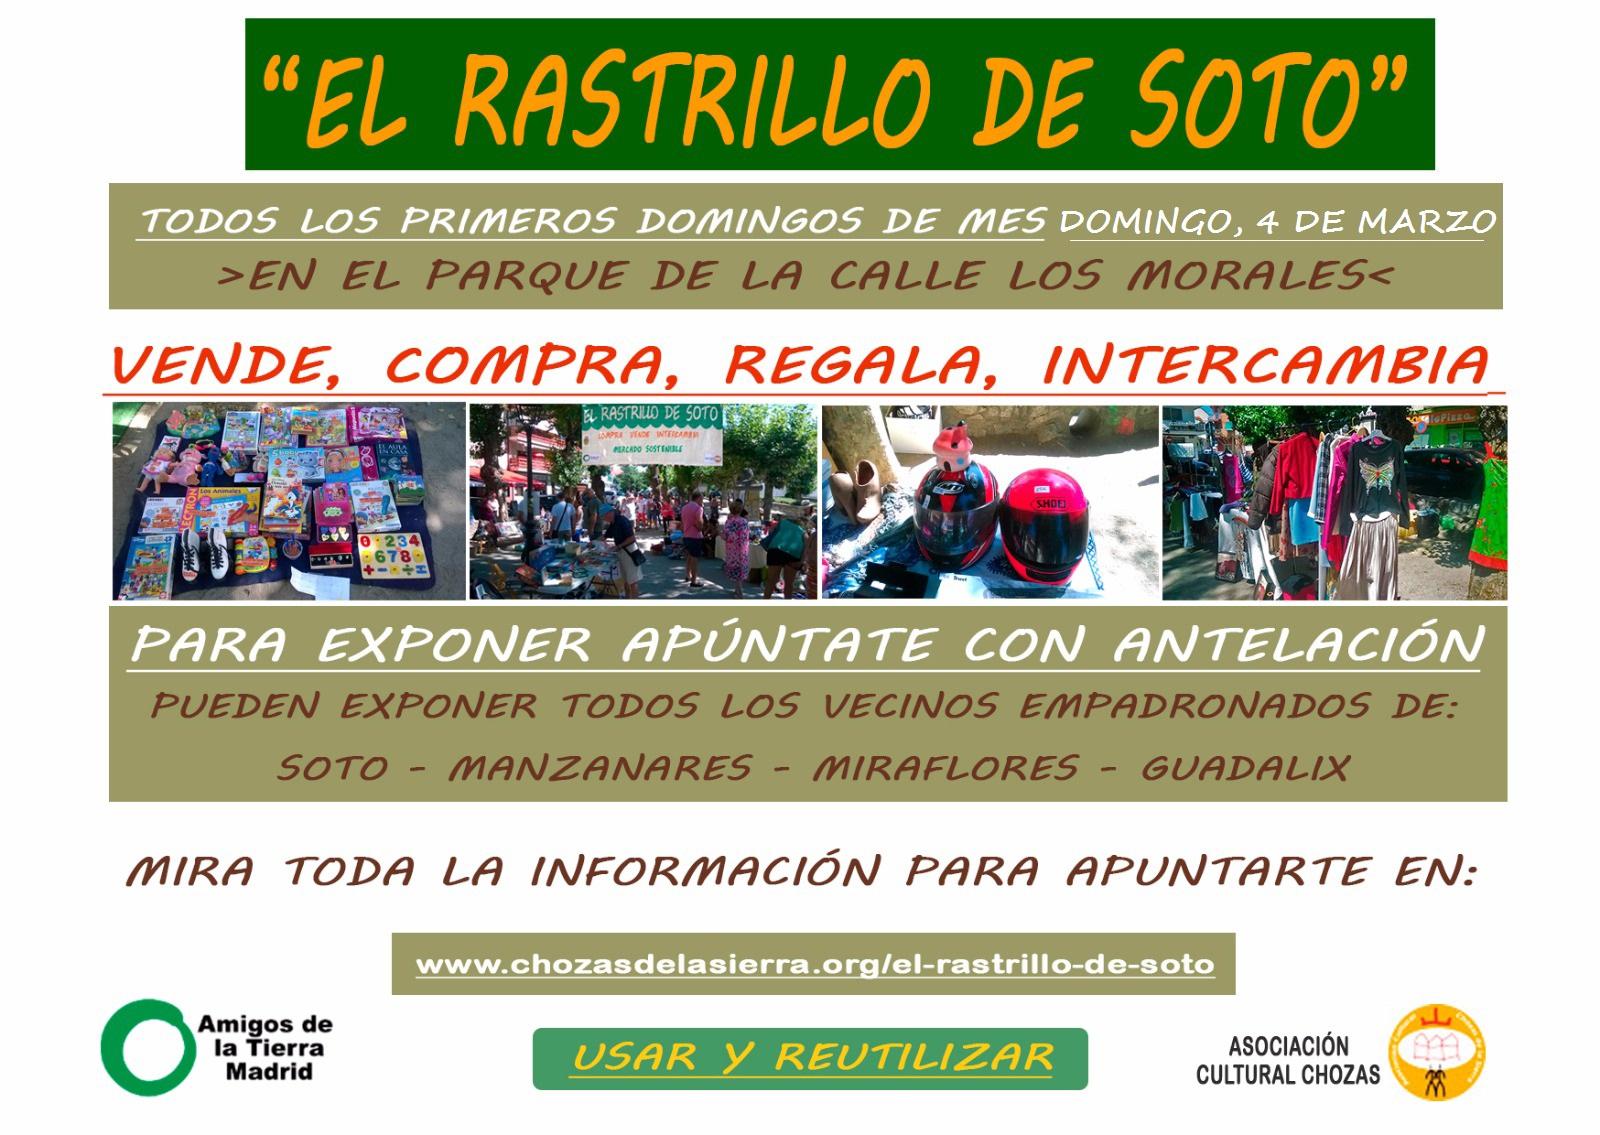 Ir a Madrid: El Rastrillo de Soto